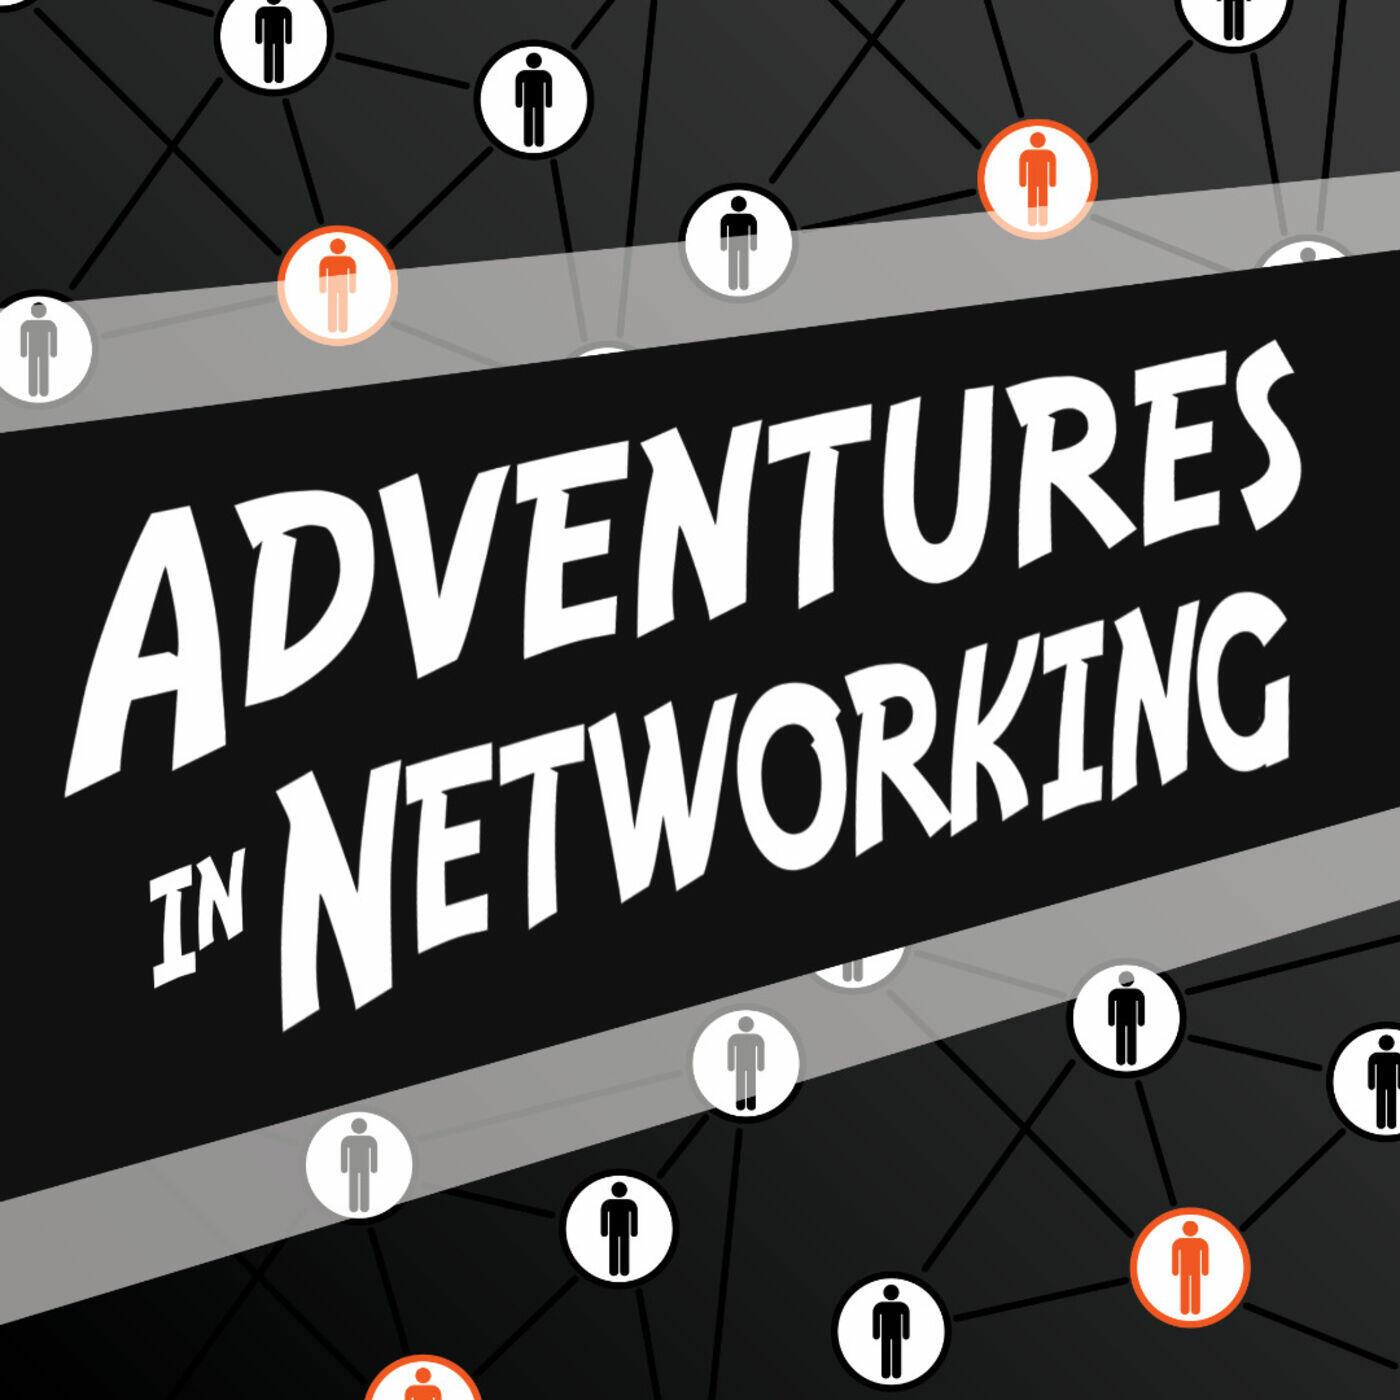 Adventures in Networking